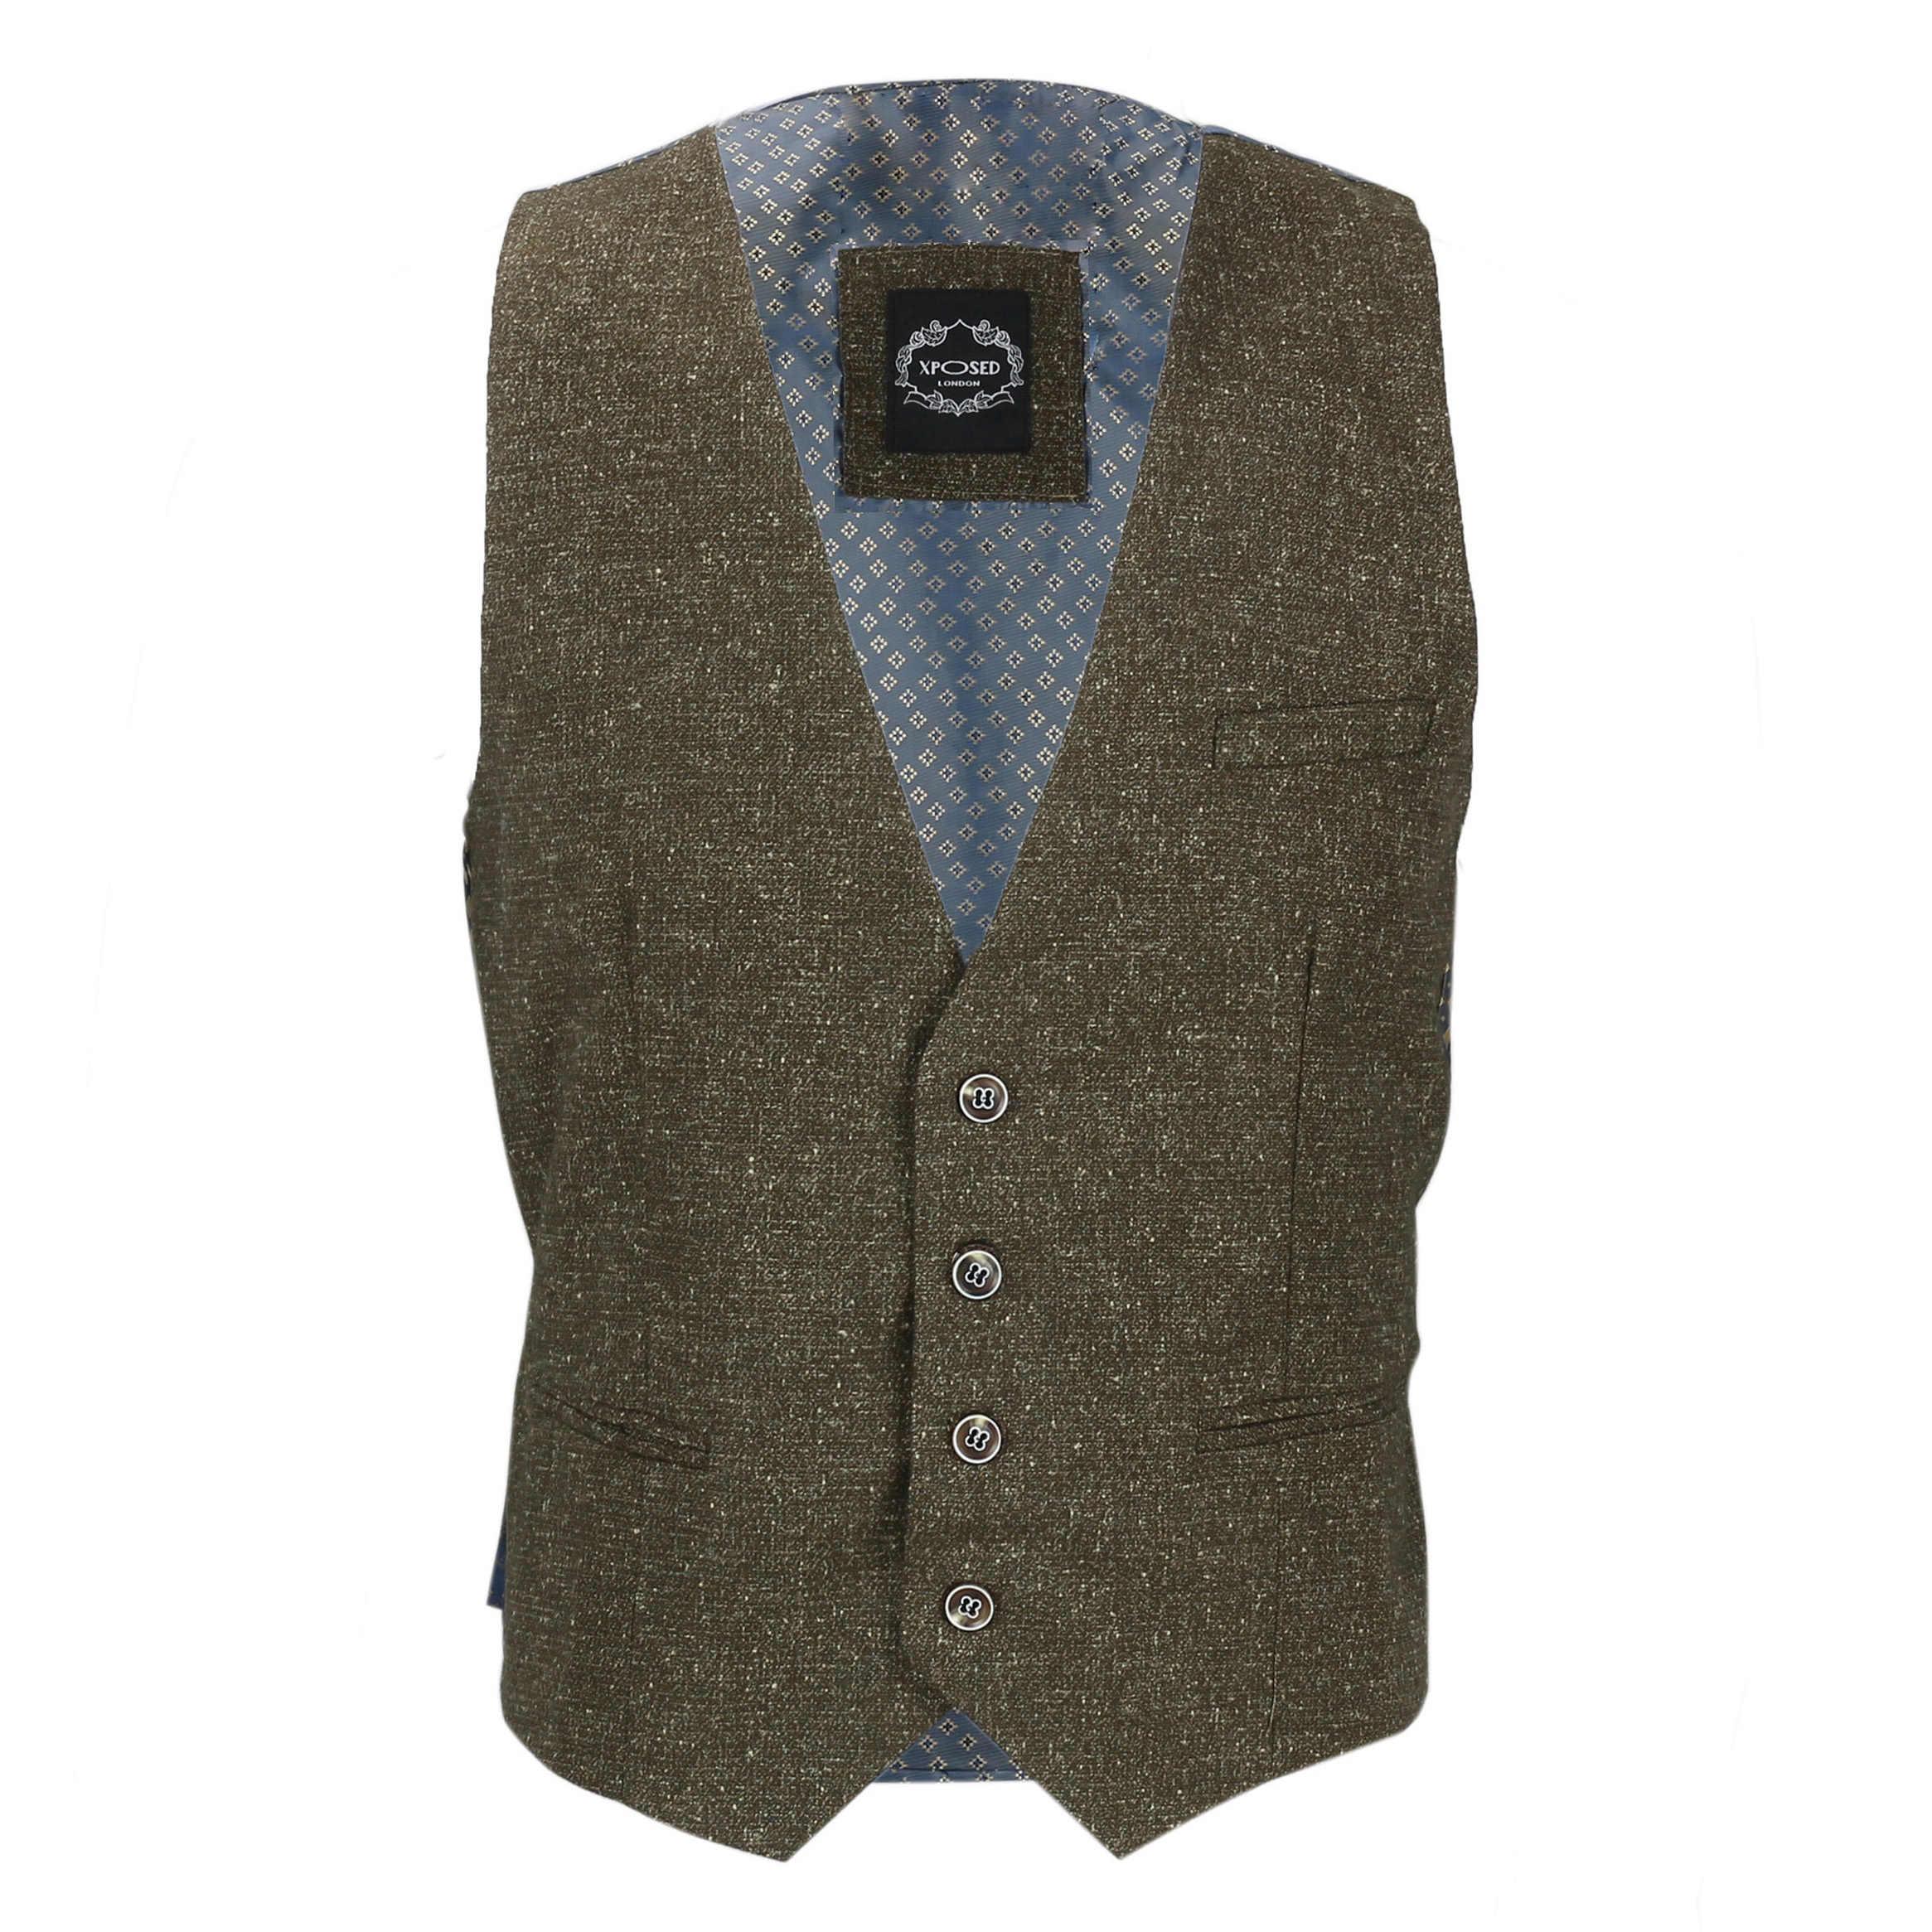 Nuevo-Chaleco-De-Hombre-Retro-Vintage-Marron-Tweed-Espiga-Roble-cheque-Smart-Casual miniatura 31